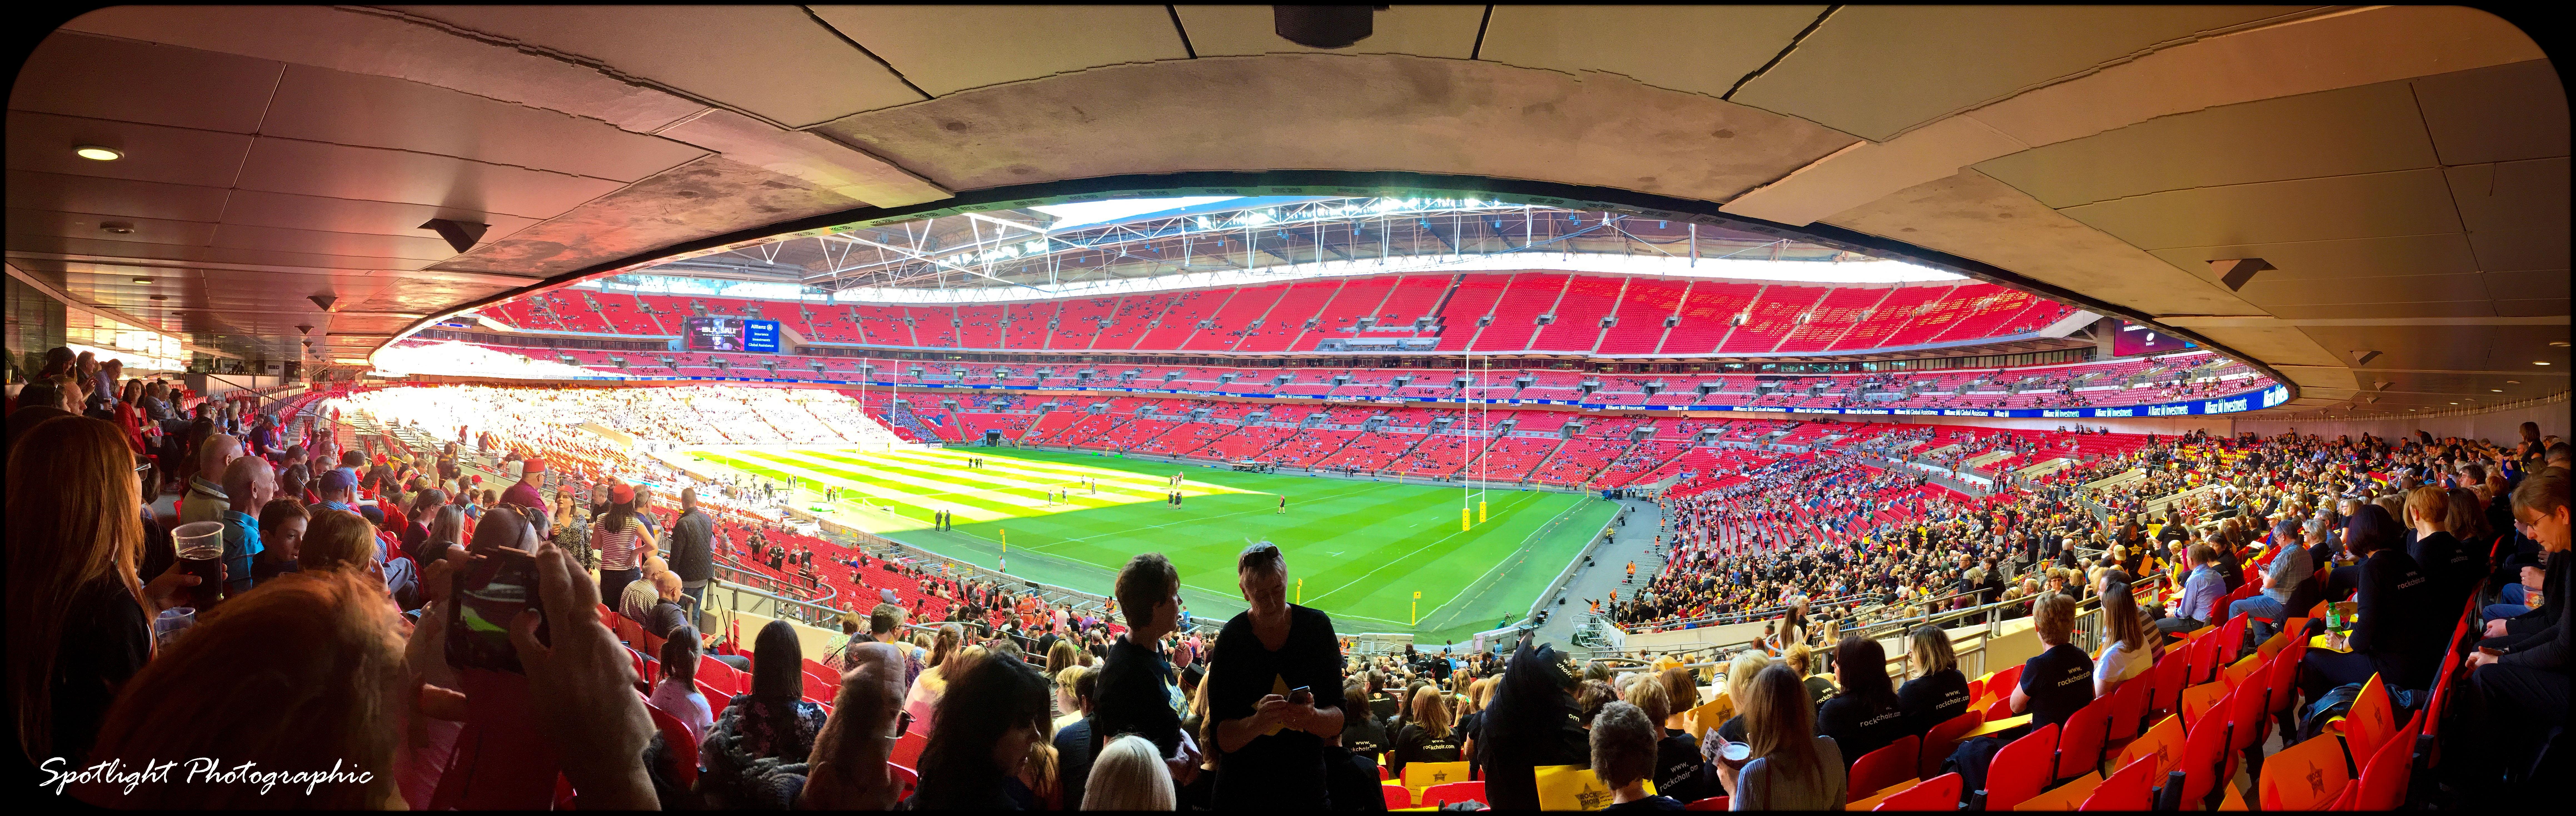 panoramic Wembley